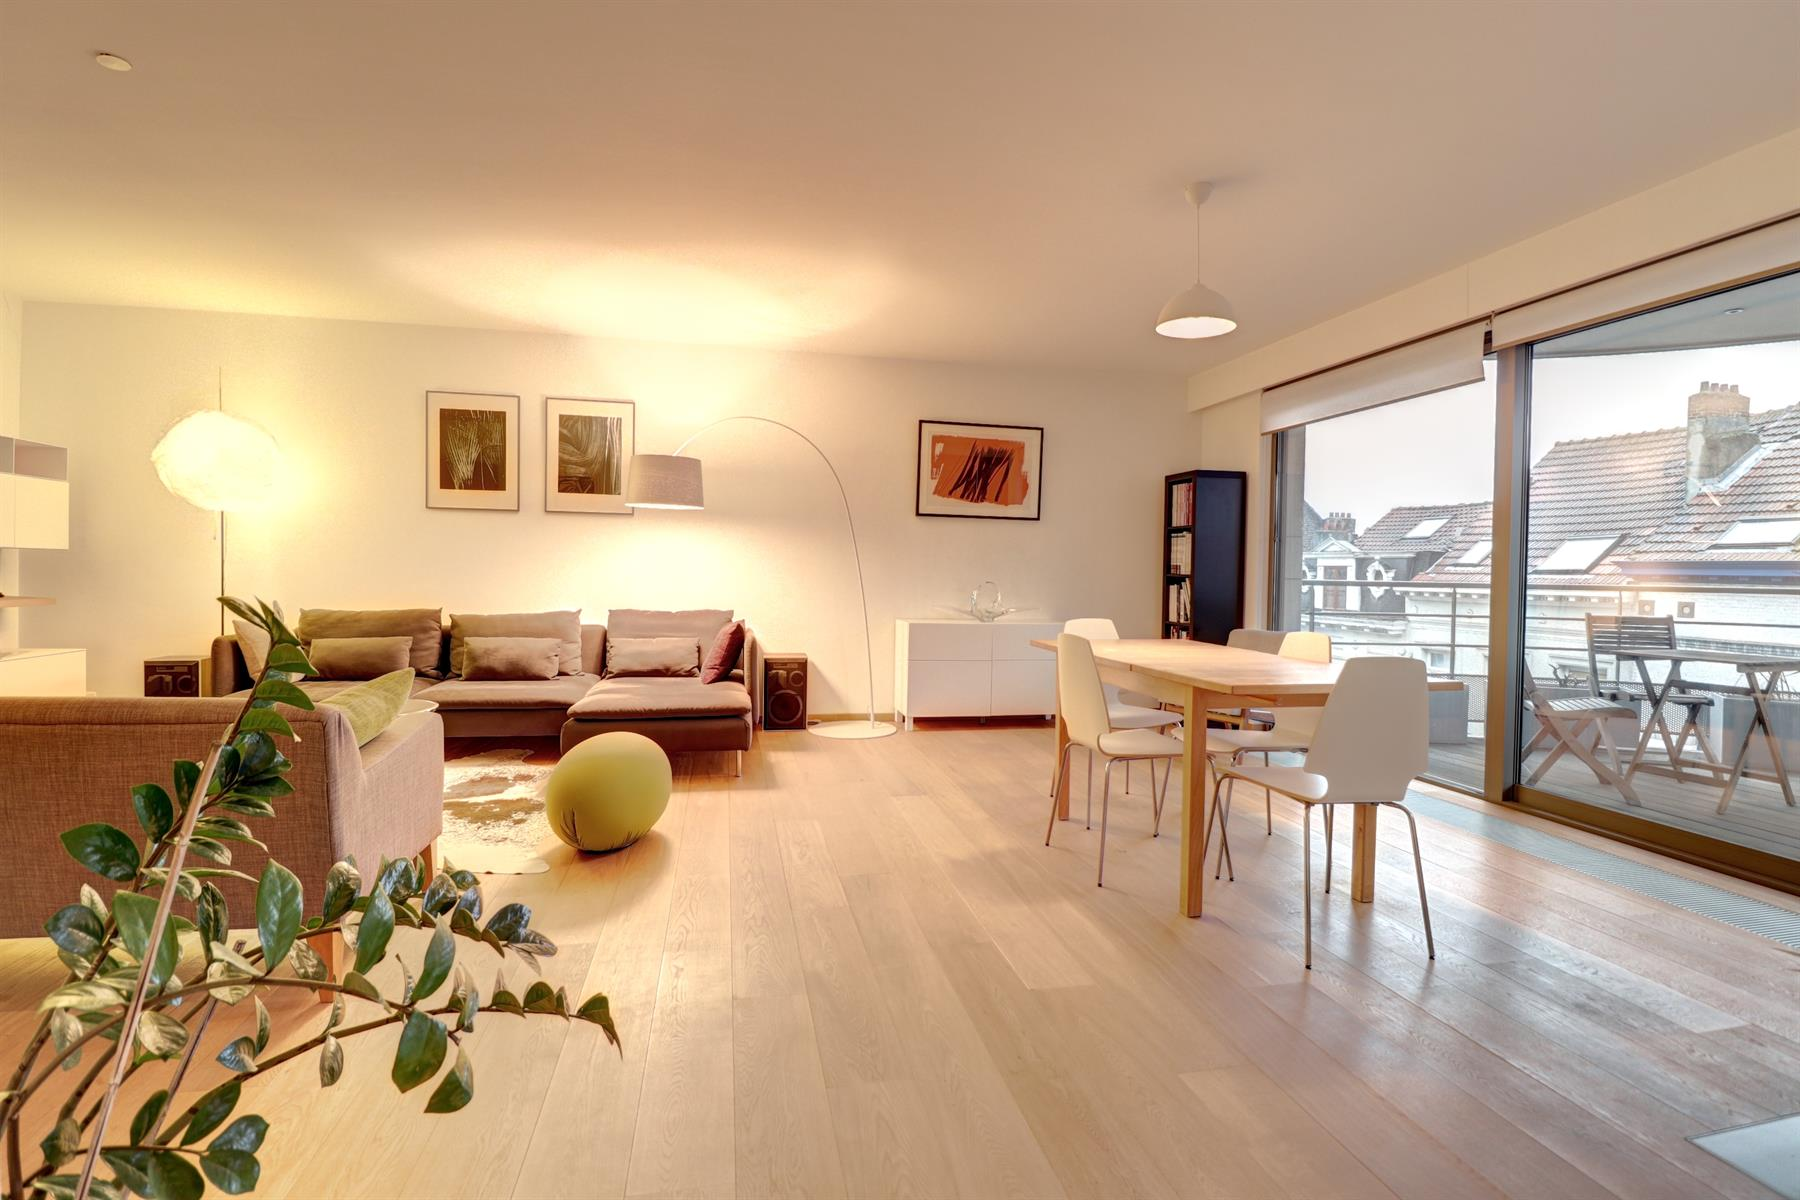 Flat - Ixelles - #4225896-5